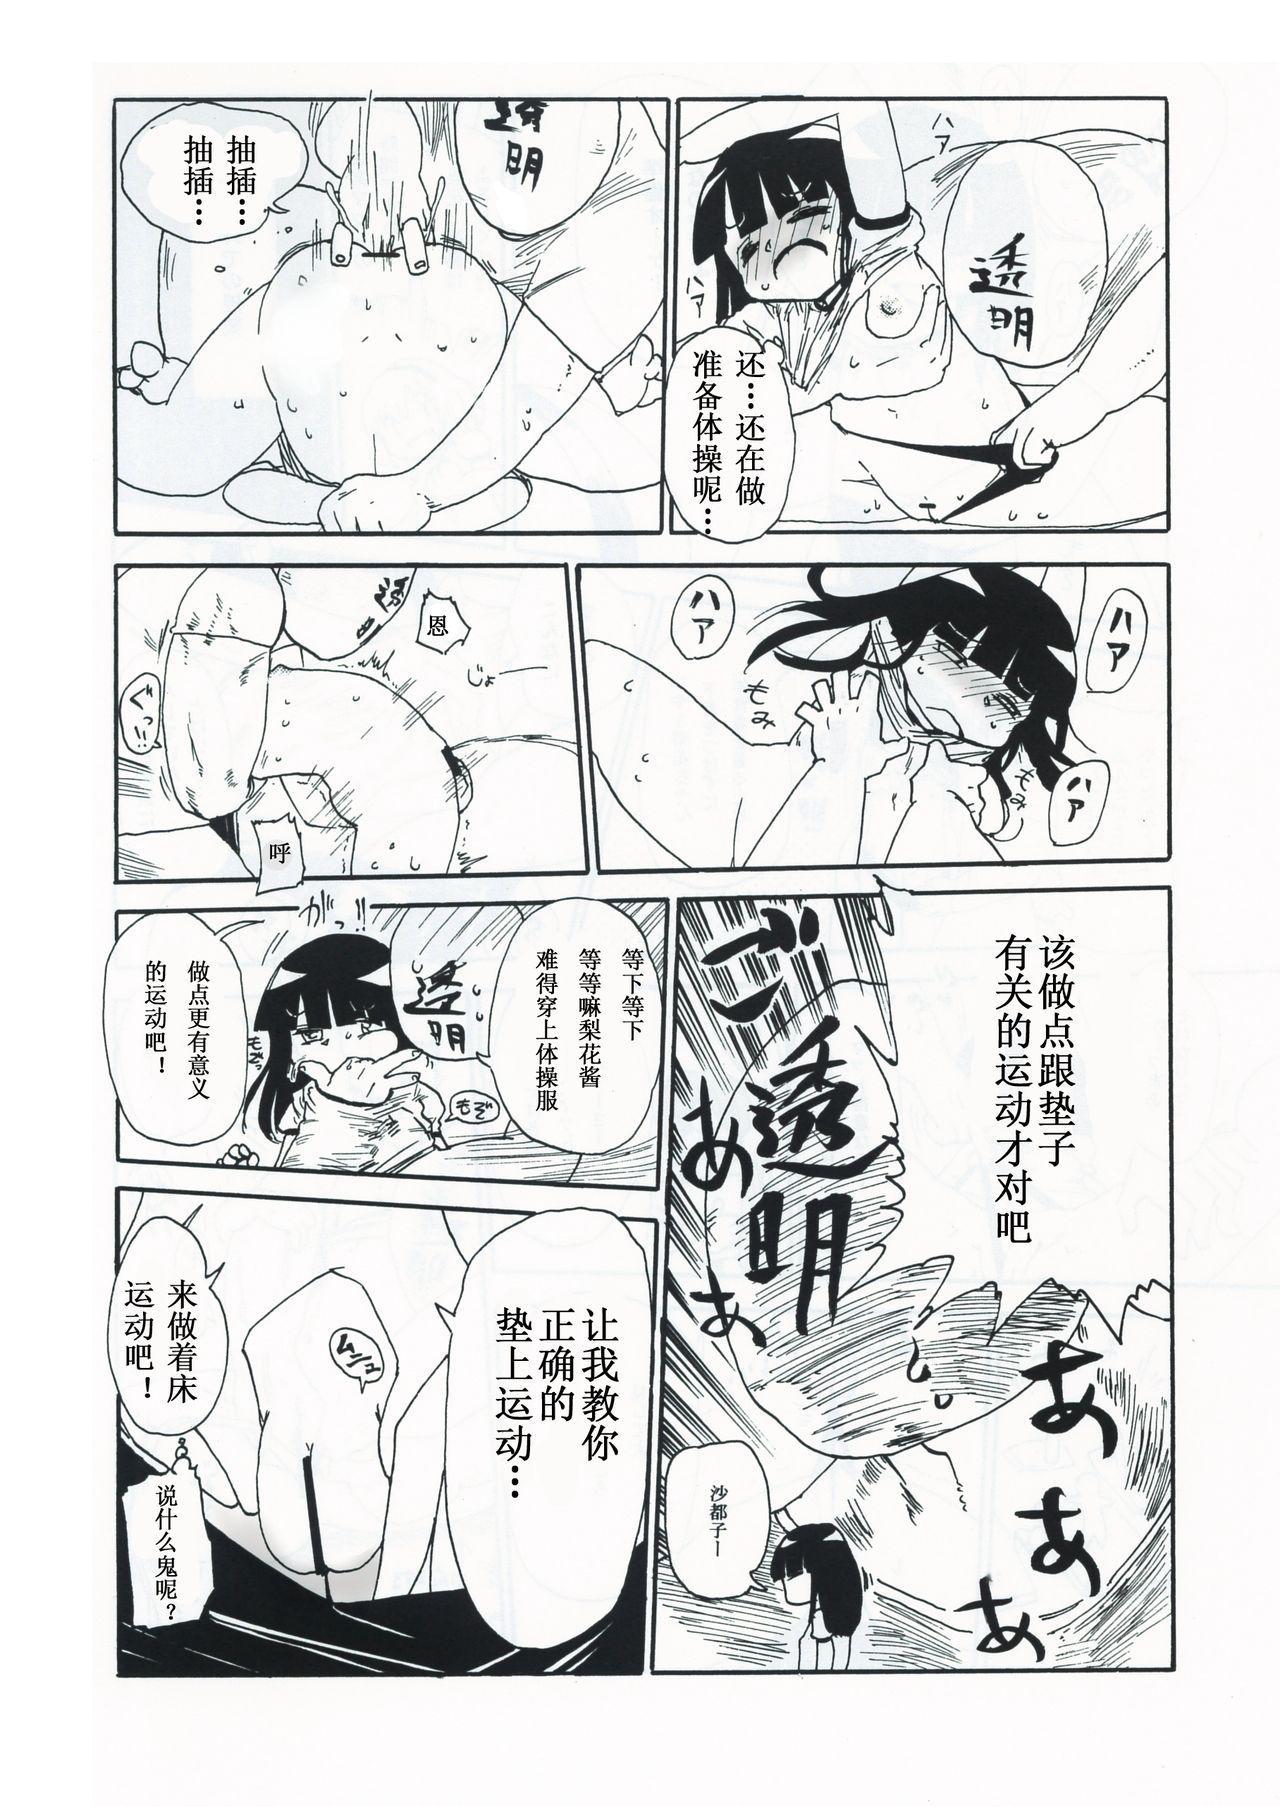 Kiki Kaikai! | 奇奇怪怪 11